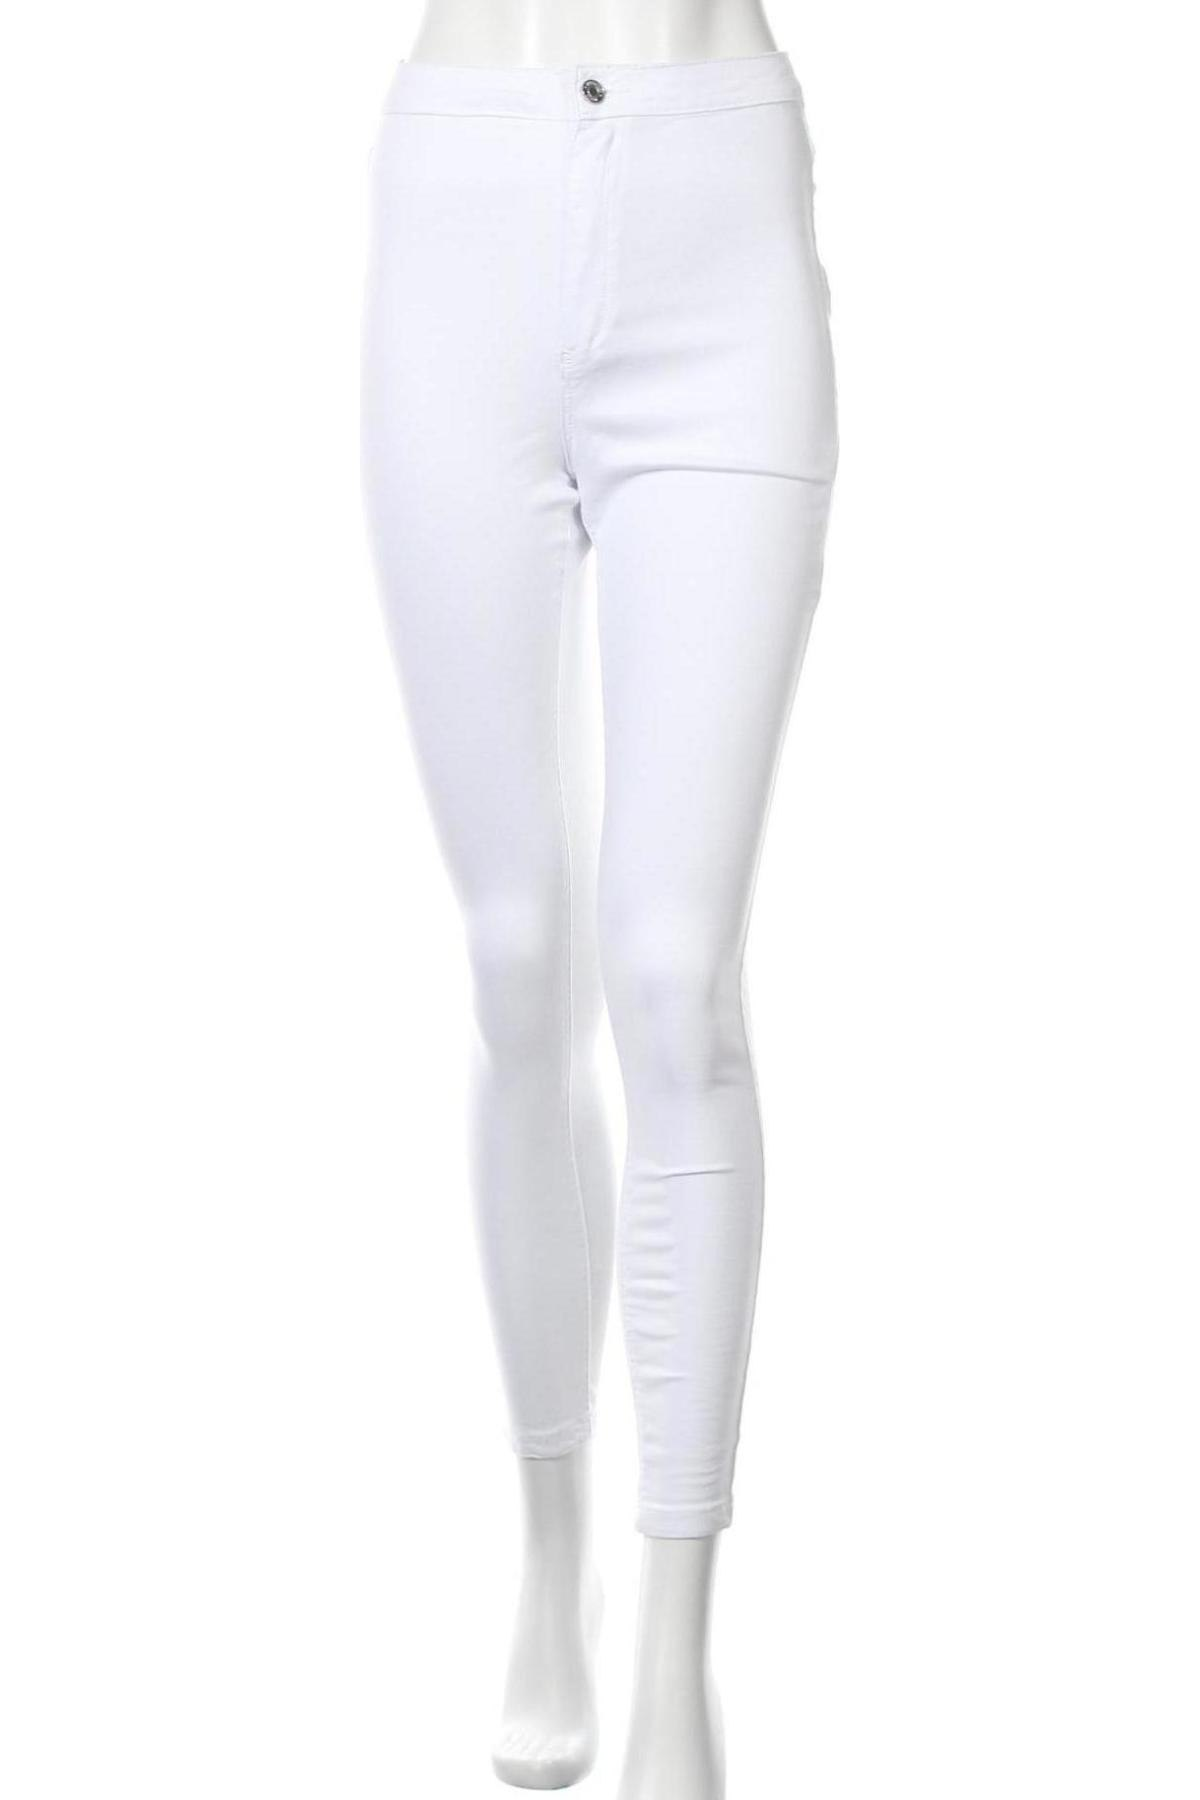 Дамски дънки Missguided, Размер M, Цвят Бял, 98% памук, 2% еластан, Цена 21,83лв.